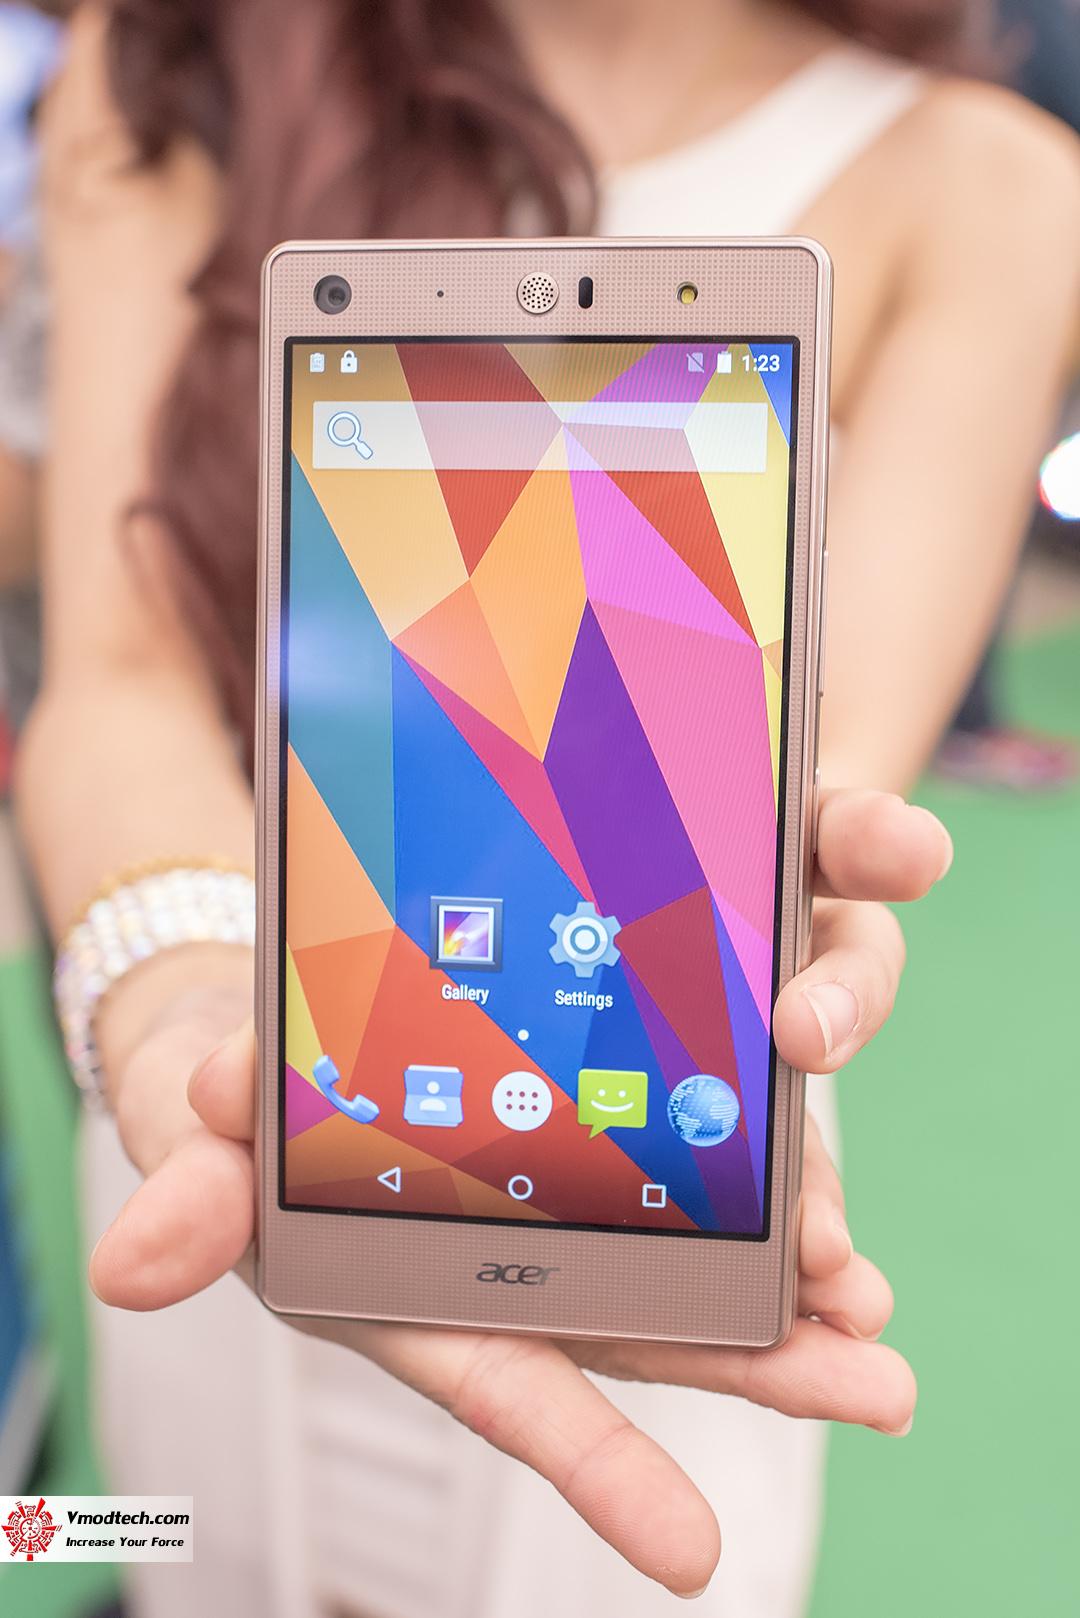 dsc 2642 ภาพบรรยากาศงานเปิดตัว เปิดตัว Acer Liquid X2 สมาร์ทโฟนเรือธง 3 ซิม แบต 4,000mAh